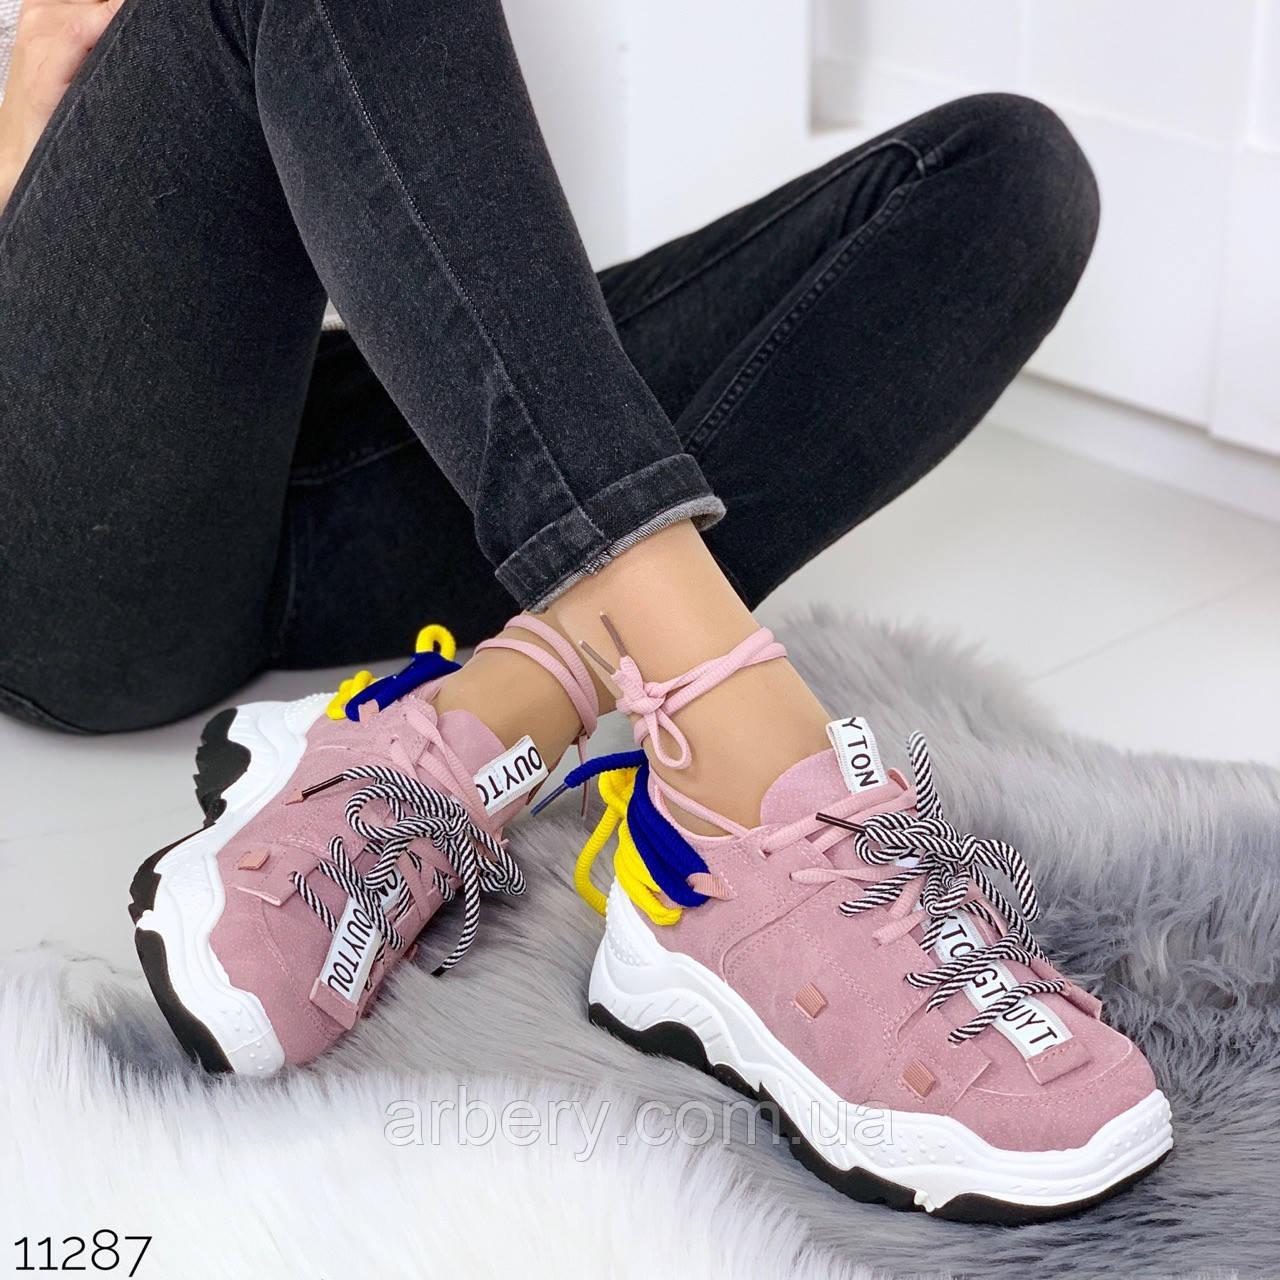 Женские кроссовки с двумя шнурками, фото 1